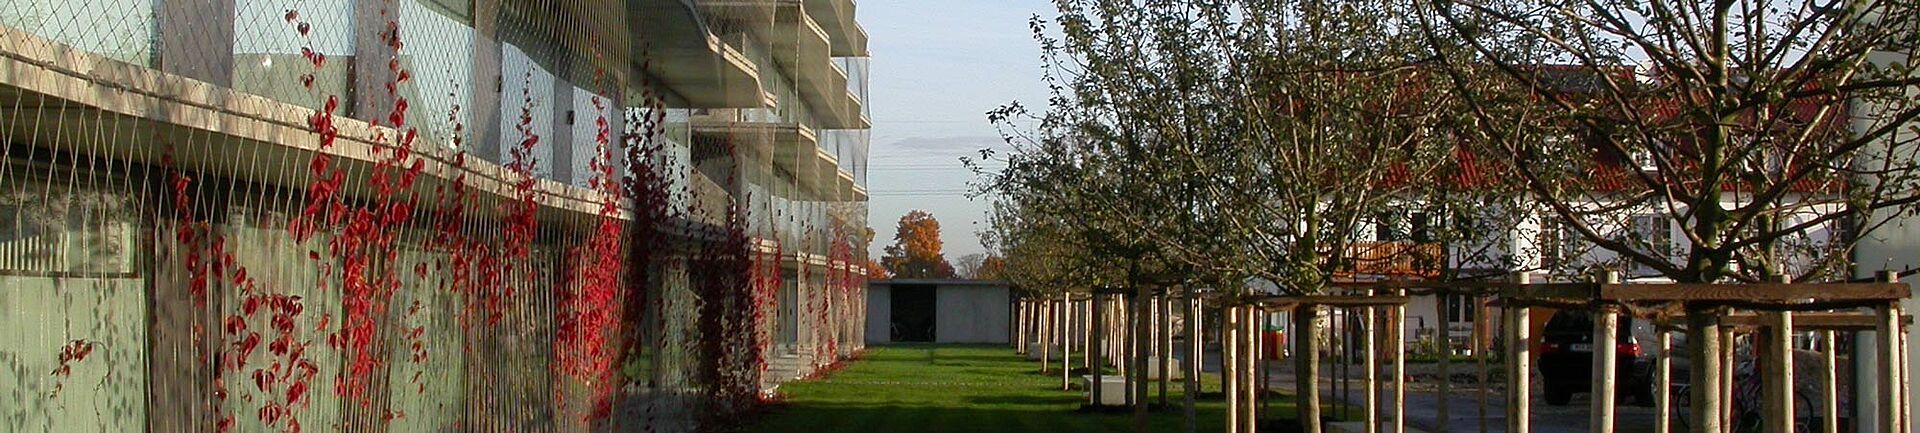 Studentenanlage Garching Fassadenbegrünung X-TEND Edelstahl-Seilnetz